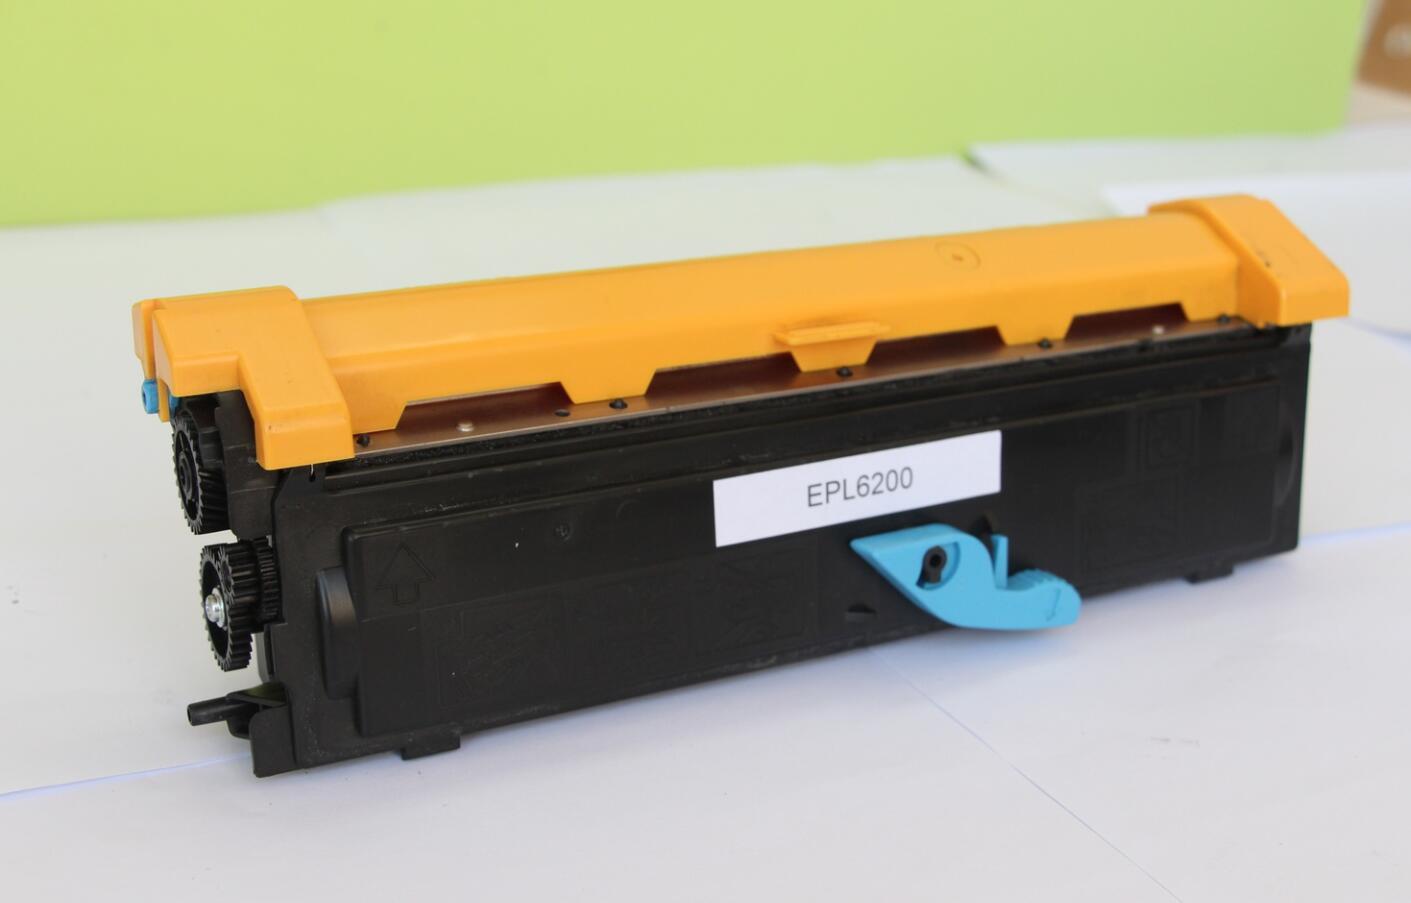 Toner Cartridge S050166 for Epson EPL-6200